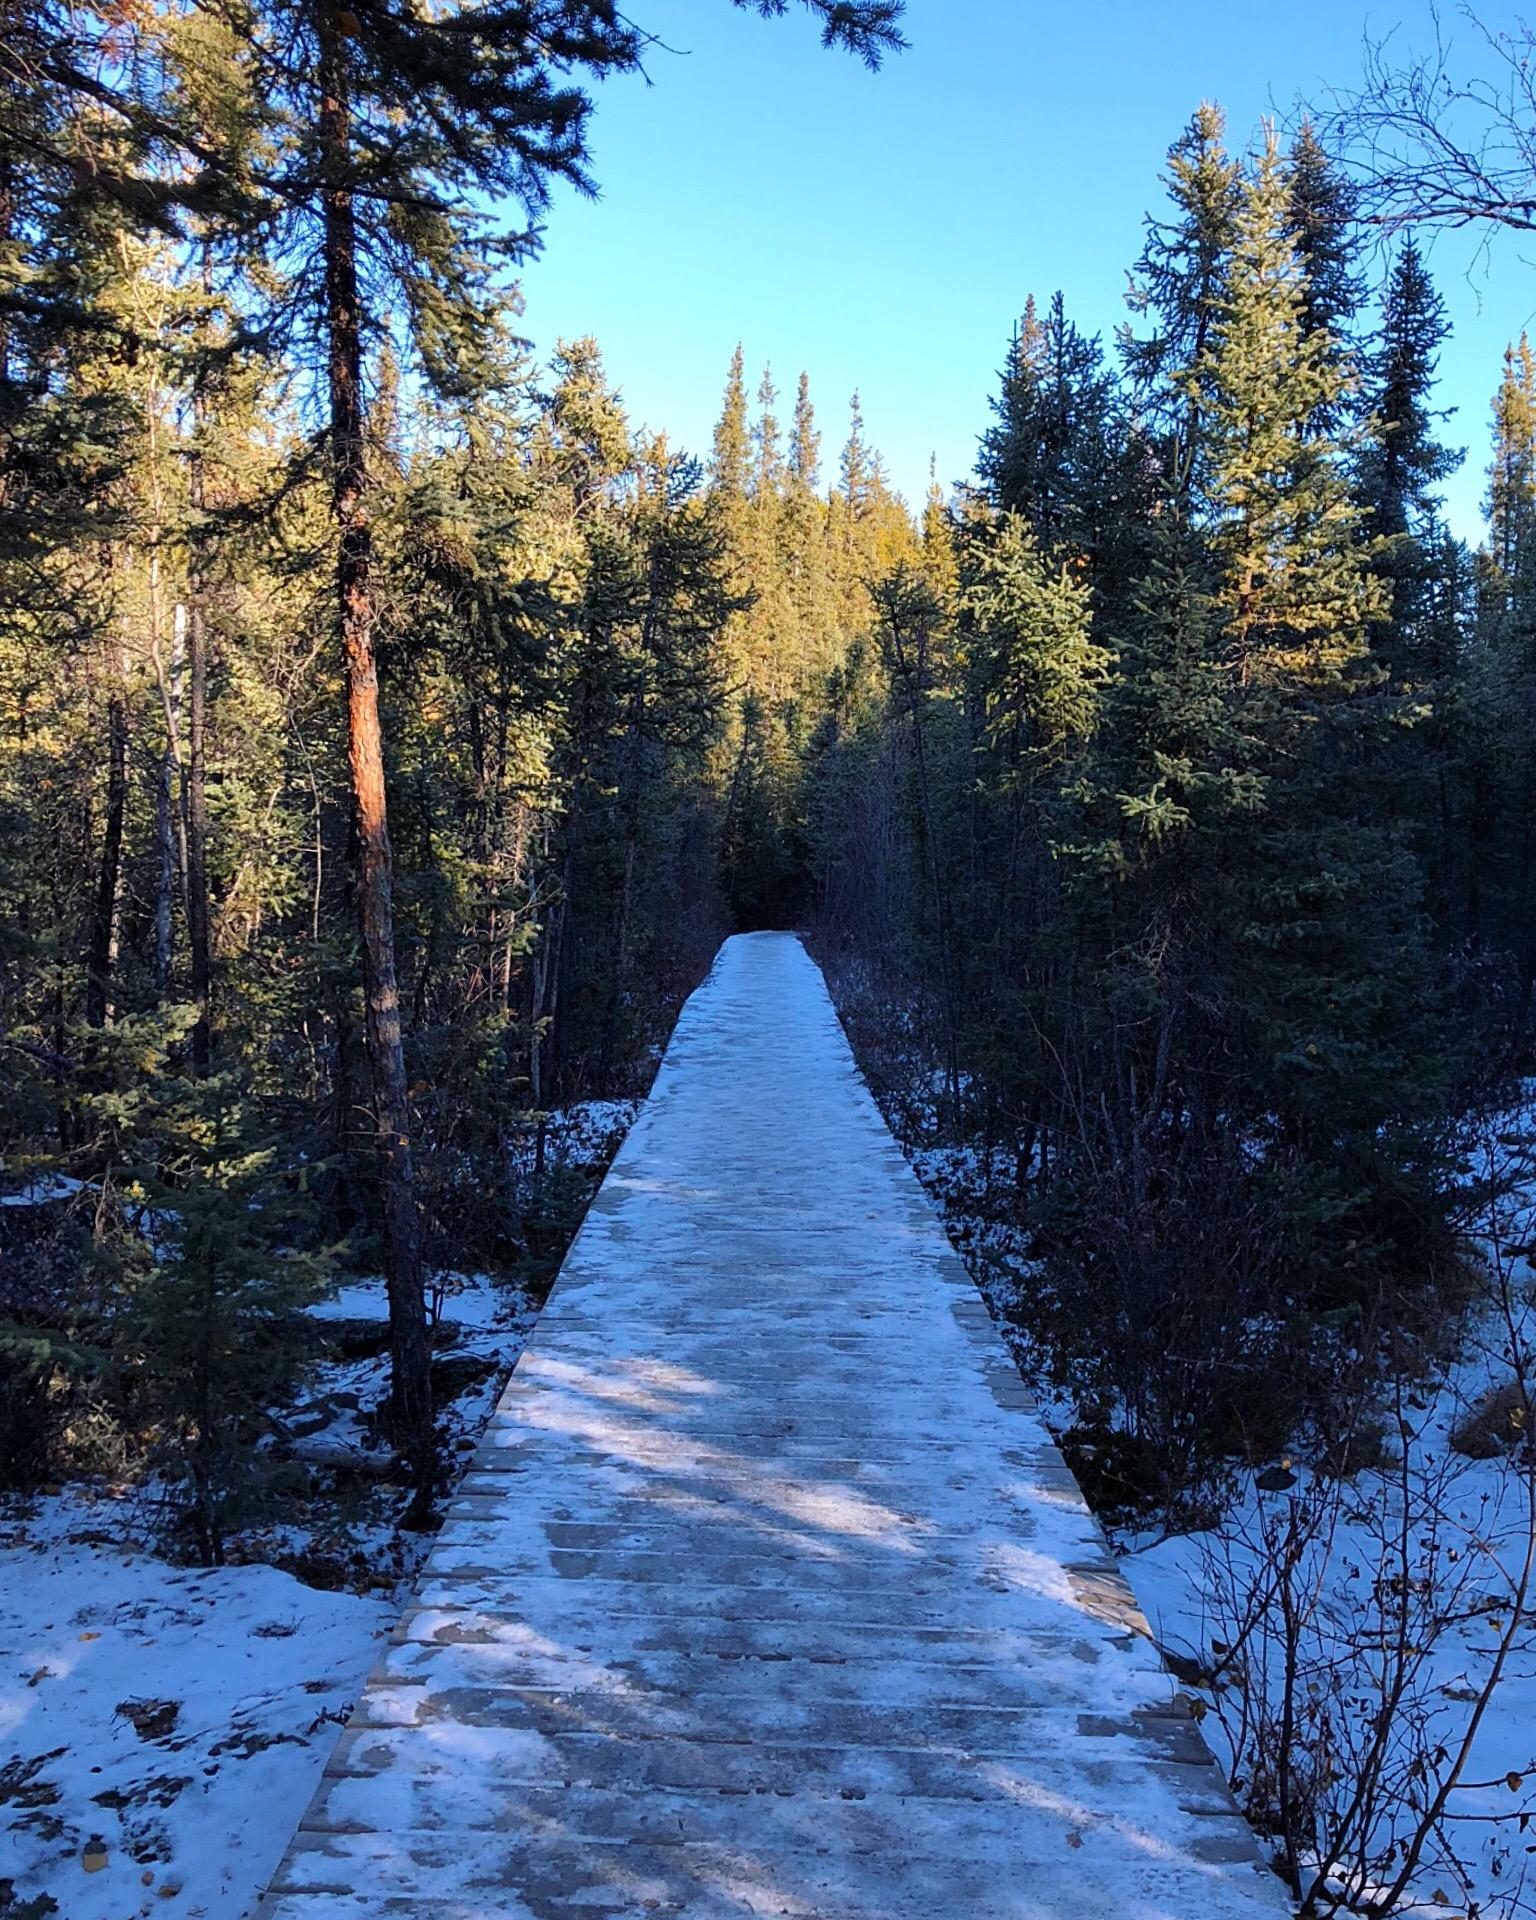 yellowknife ingraham trail - 1